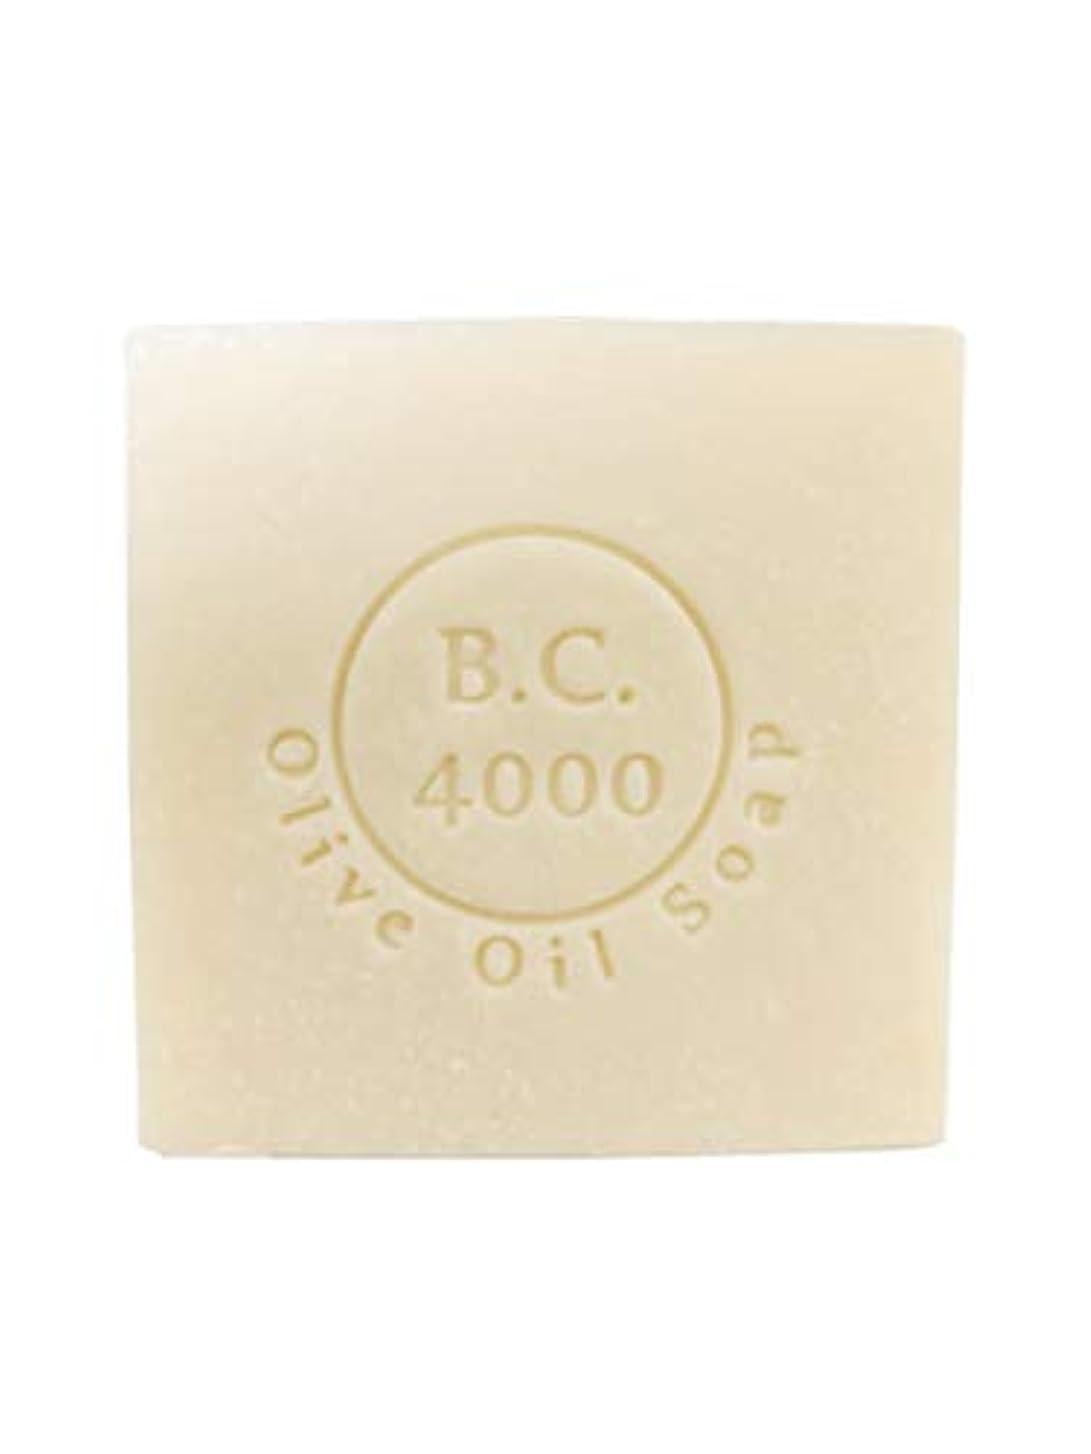 おなかがすいた居間ピラミッド100% バージンオリーブオイル石鹸 B.C.4000 オーガニック せっけん 100g 1個